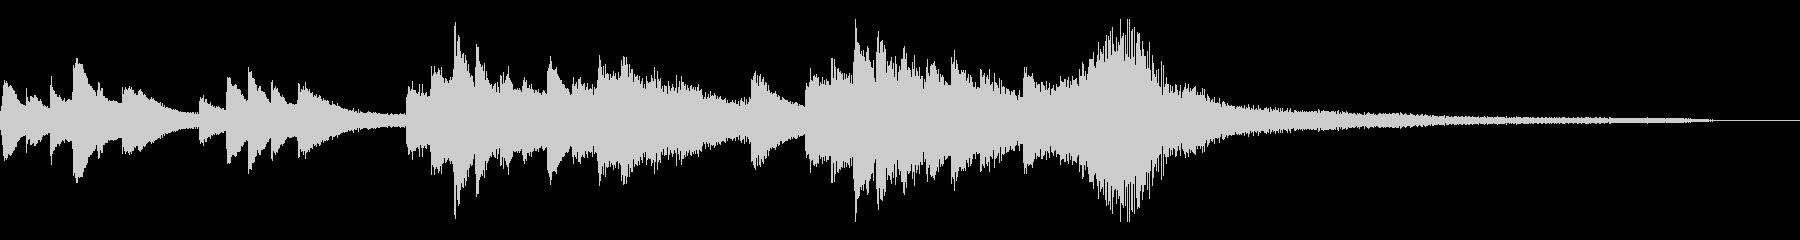 和風のジングル5a-ピアノソロの未再生の波形